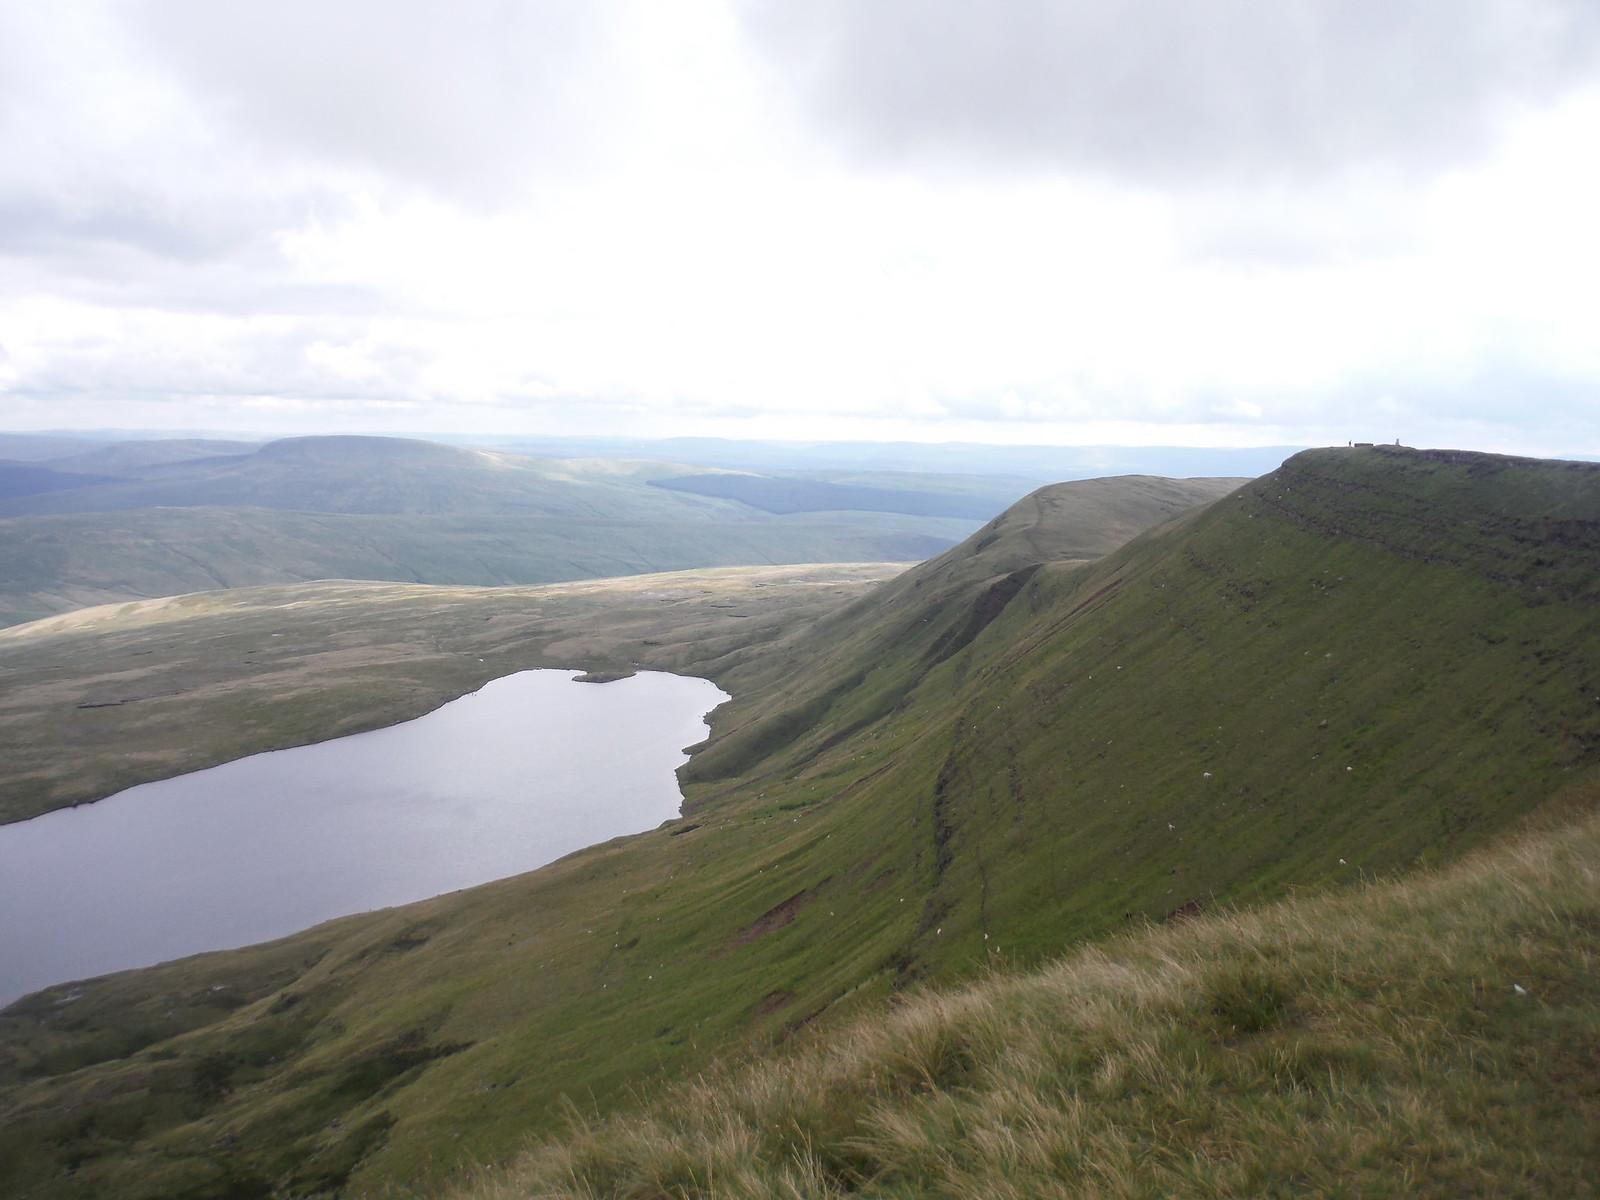 Llyn y Fan Fawr from Twr Fan Foel (Fan Brycheiniog's subsidiary summit) SWC Walk 279 The Black Mountain - Y Mynydd Du (Glyntawe Circular)